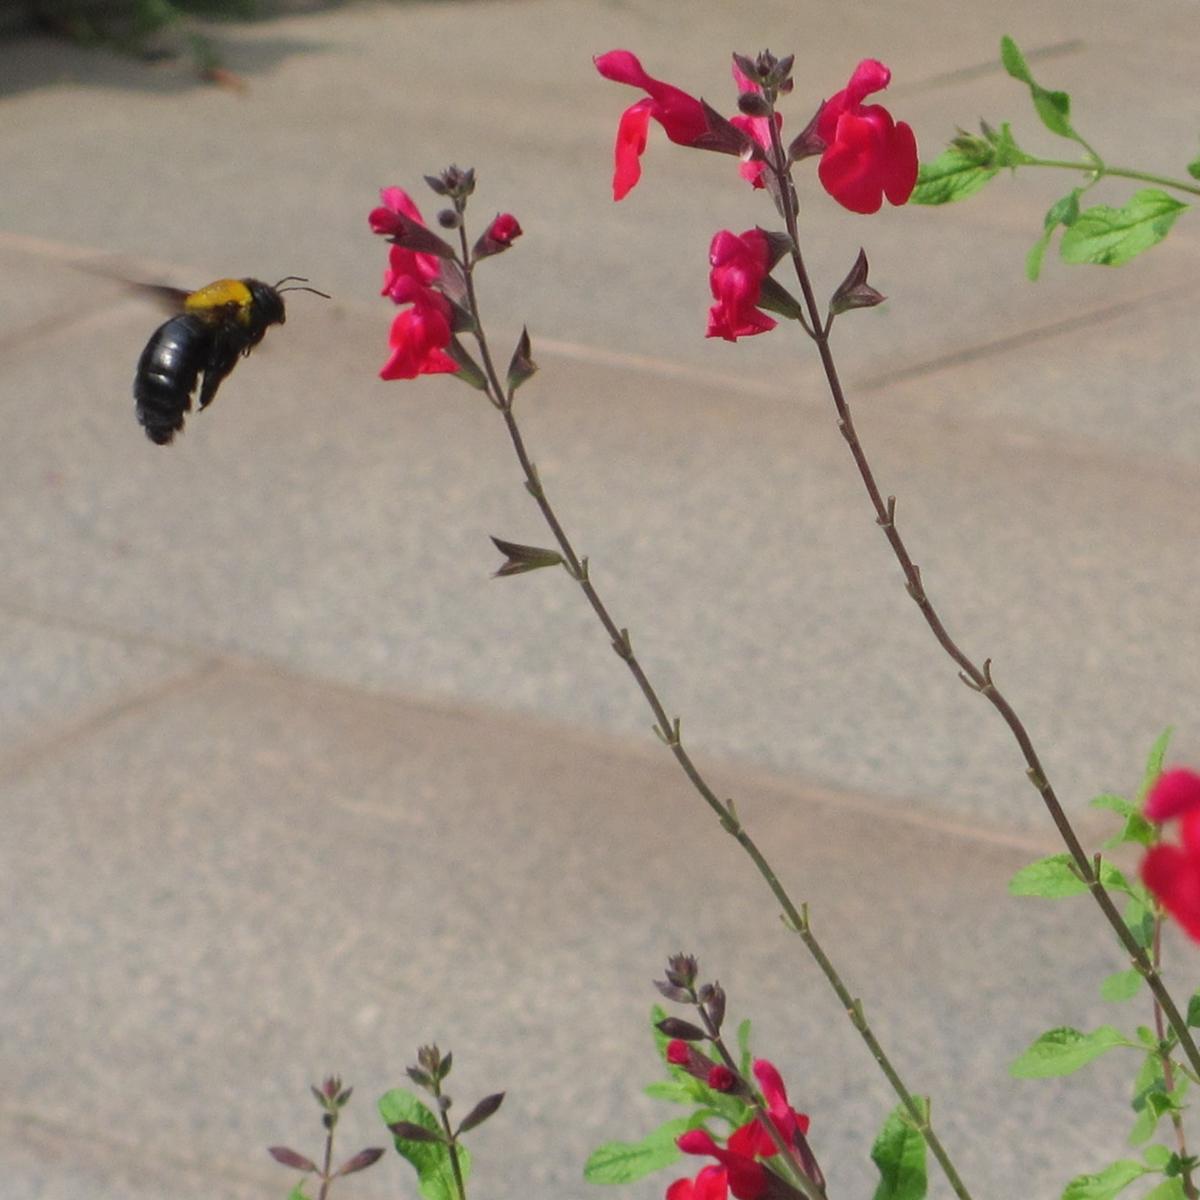 花の蜜を吸うダンゴバチの無料写真-03